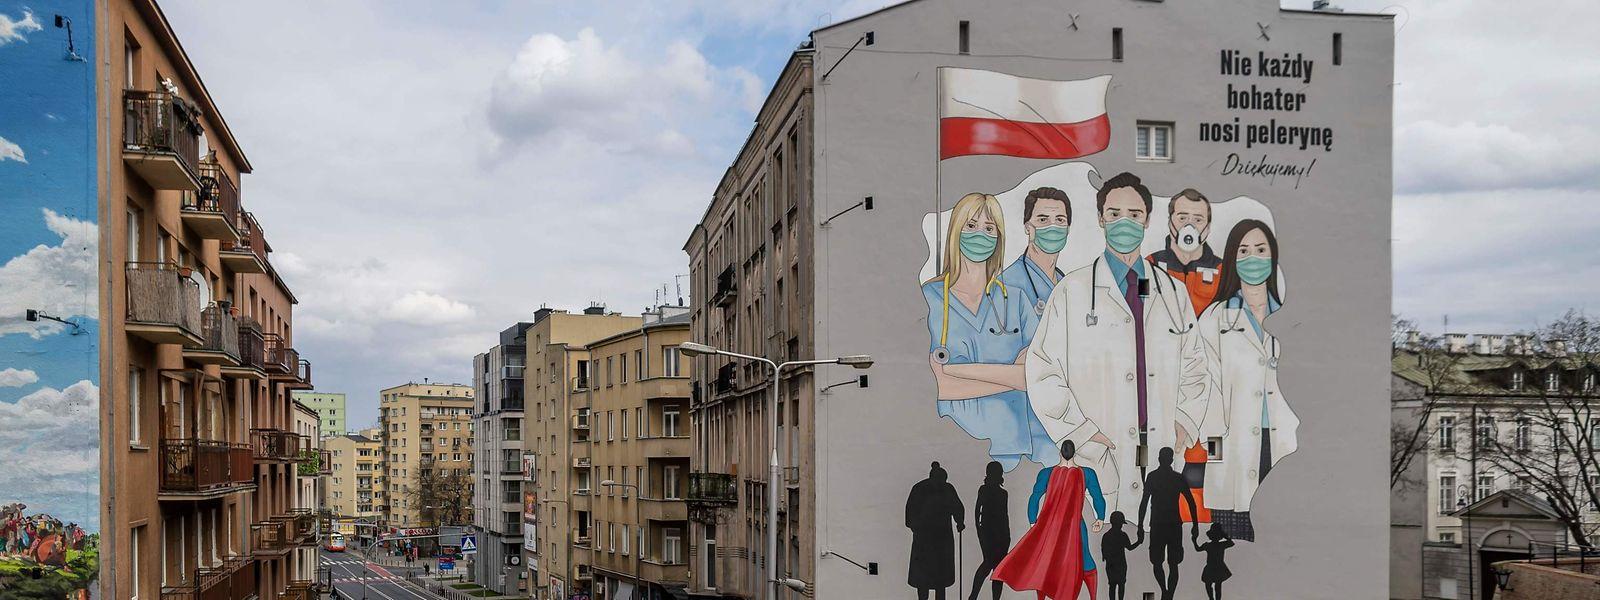 Ein Wandgemälde in Warschau, das Ärzte und Gesundheitspersonal als Helden feiert.